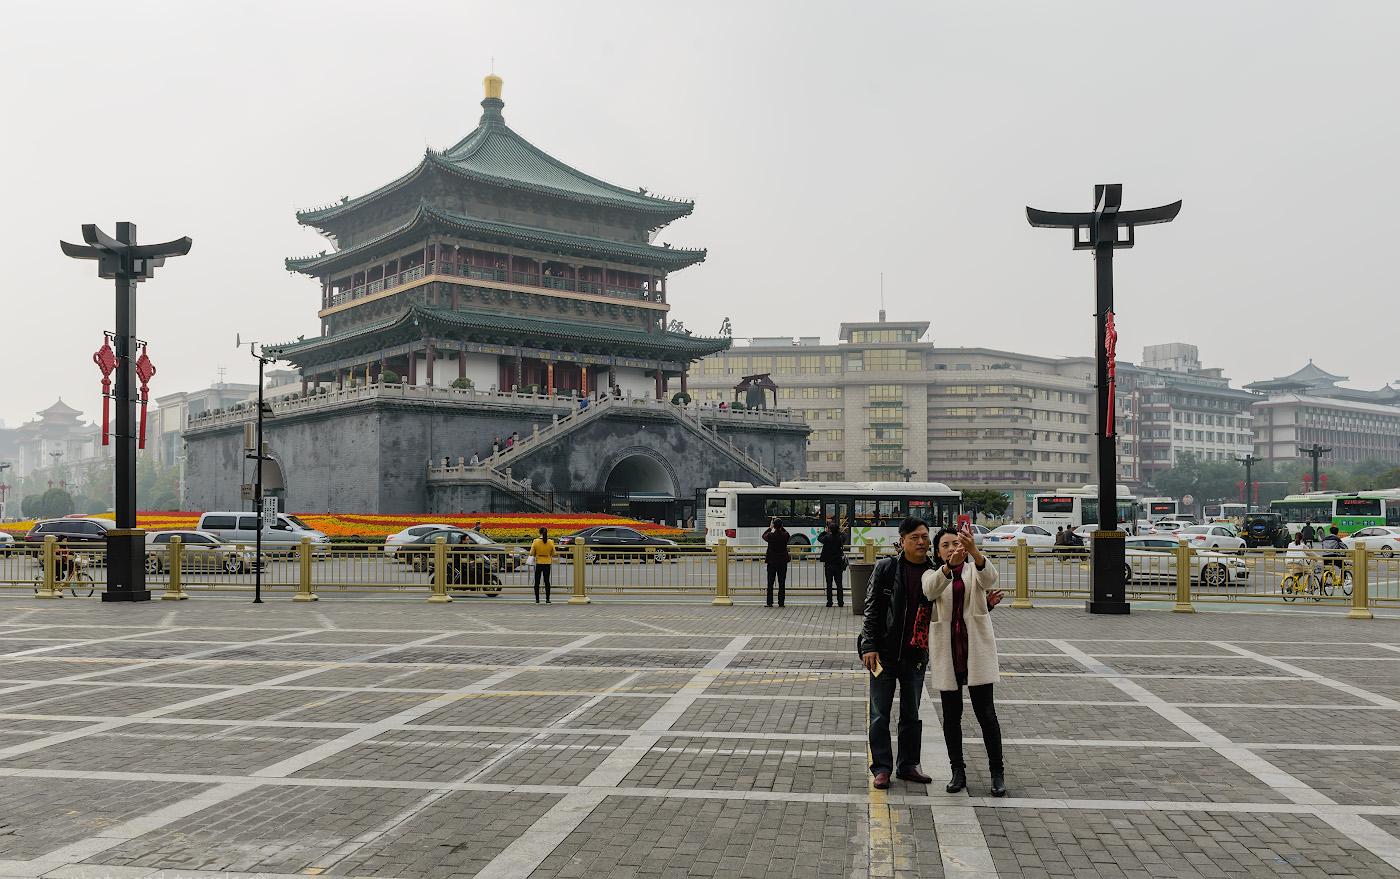 Фото 8. Колокольная башня – символ Сианя. Отчет об экскурсиях в Китае. 1/250, -0.33, 8.0, 100, 32.